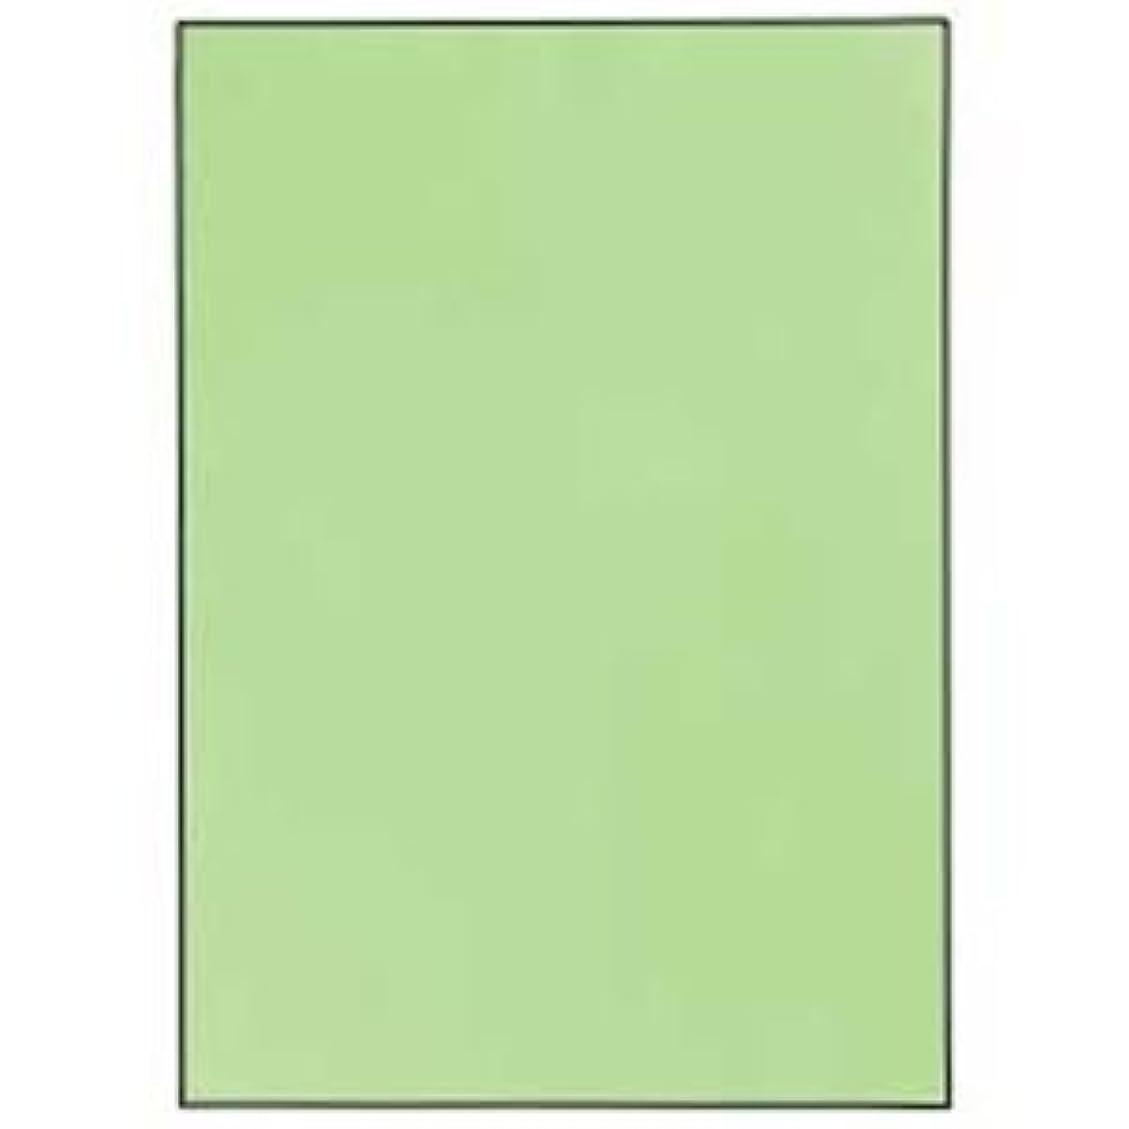 なぜ異常なコンペ【まとめ買い】カラーペーパー【箱】 B5 グリーン 1箱(500枚×5冊)